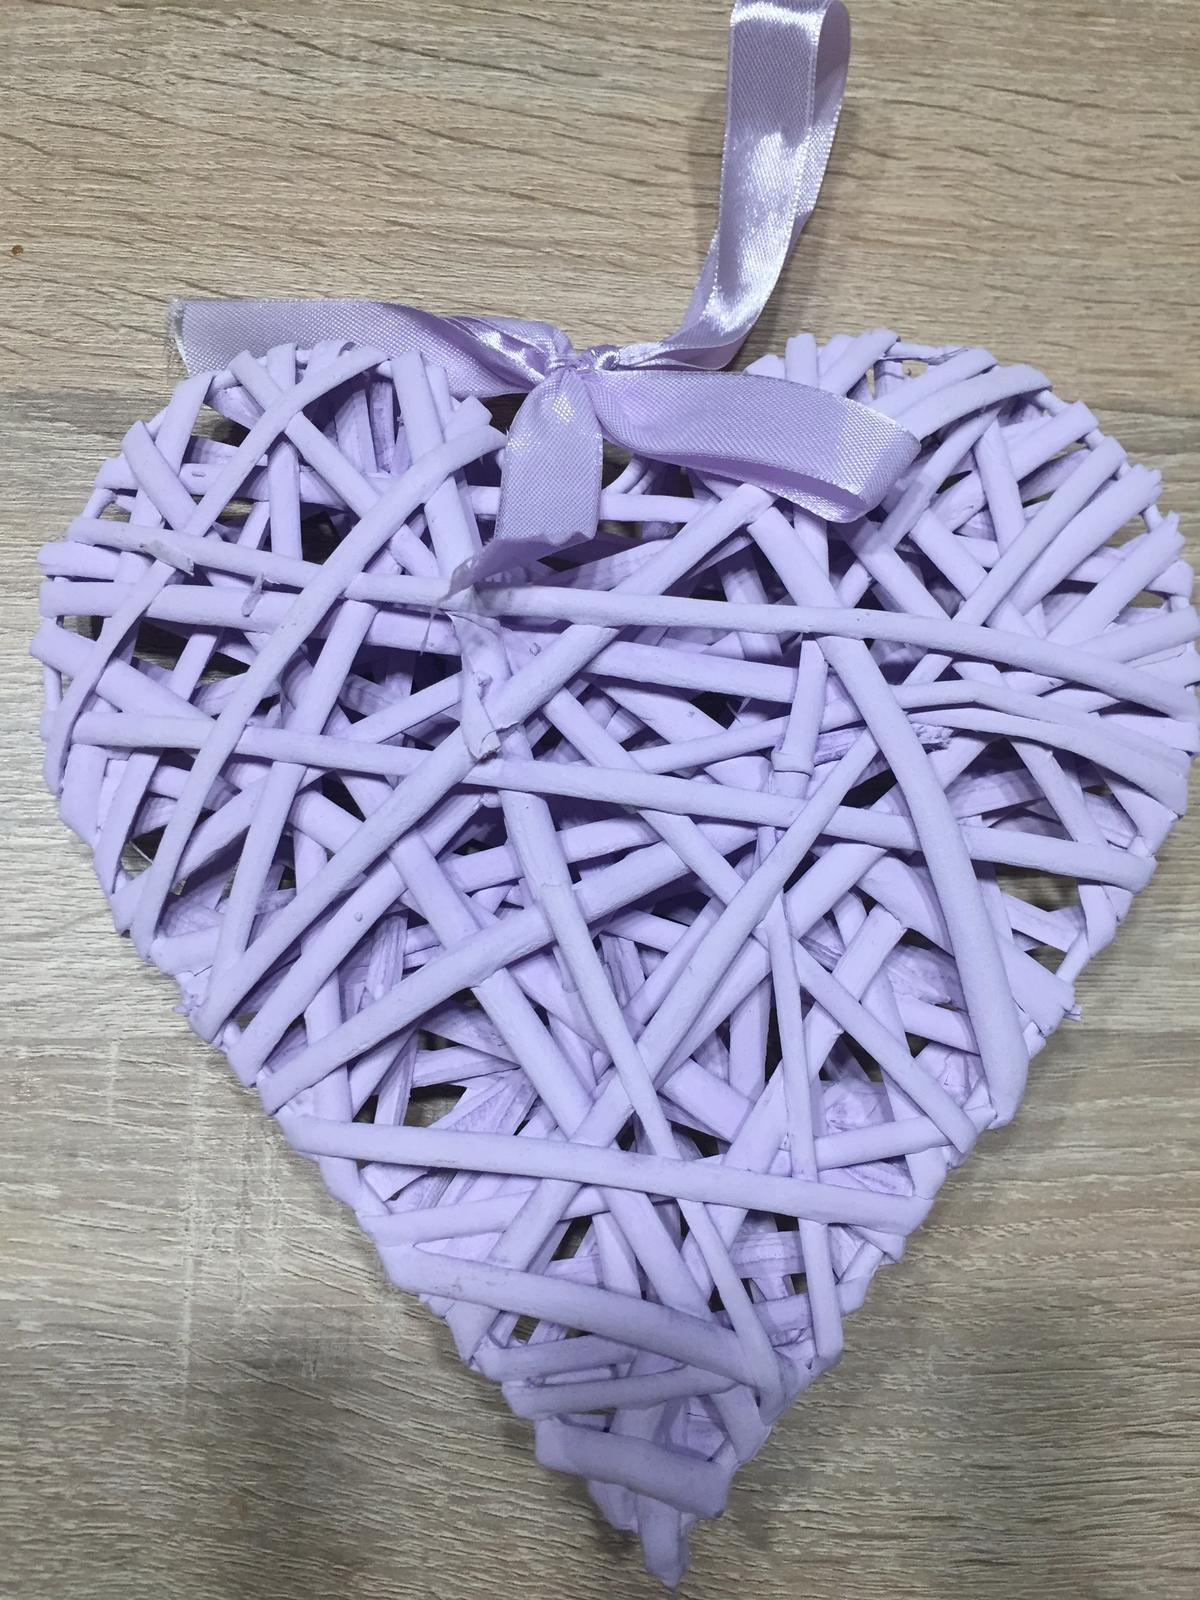 Proutěná lila dekorace 20 cm - Obrázek č. 1